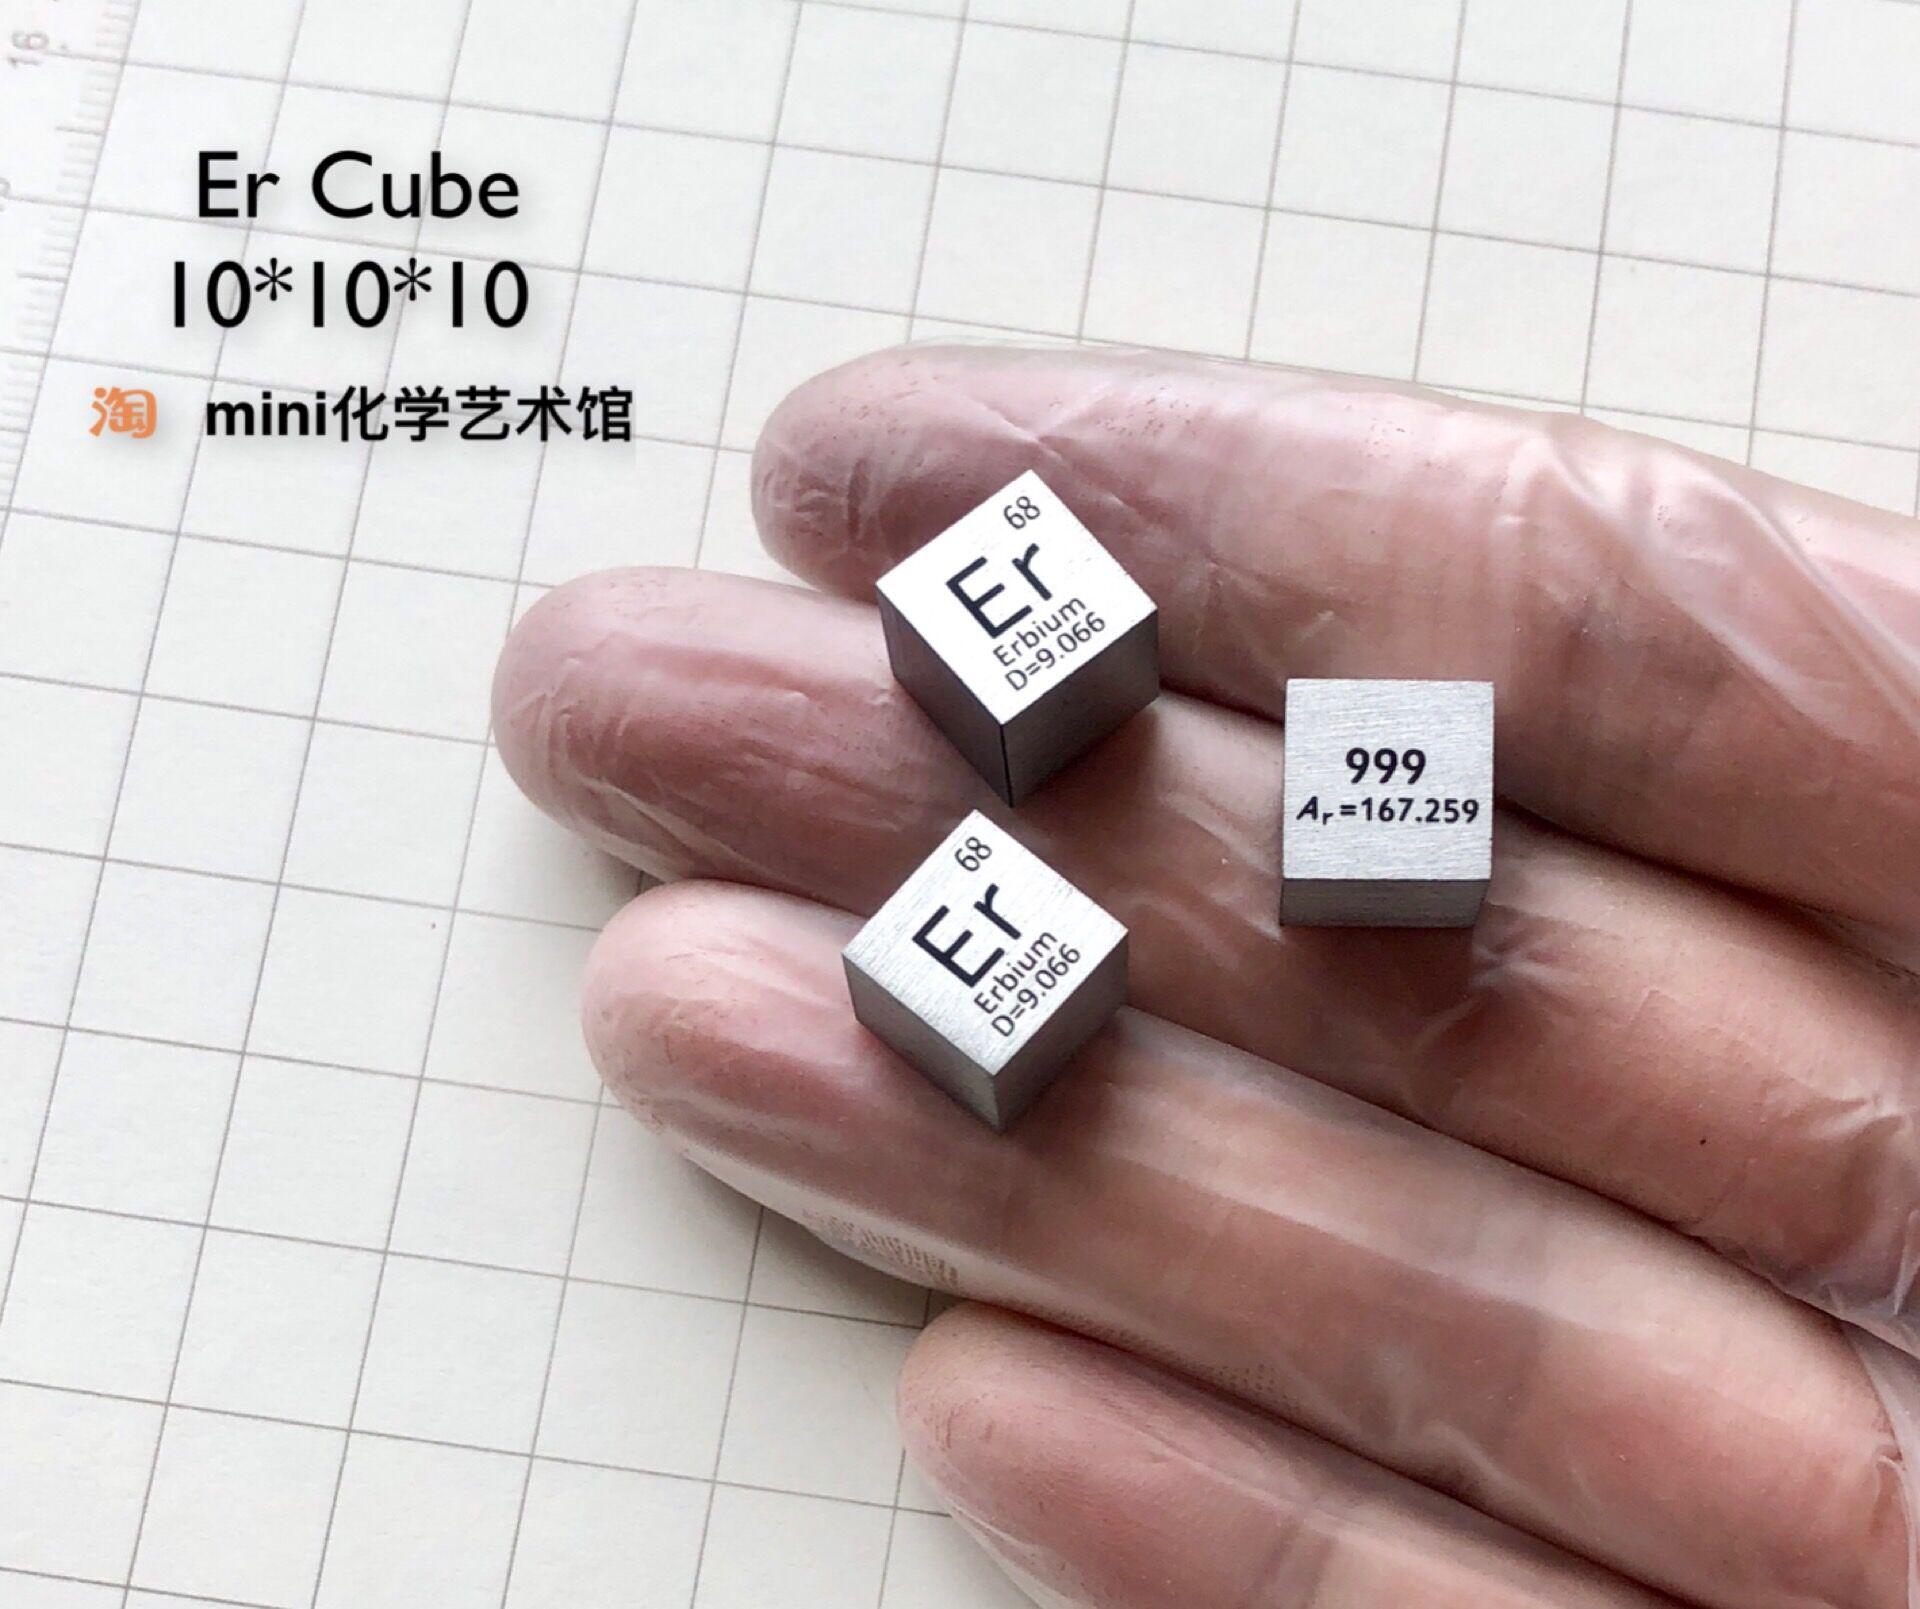 Cube de Table périodique en métal de terre Rare en Erbium de haute pureté